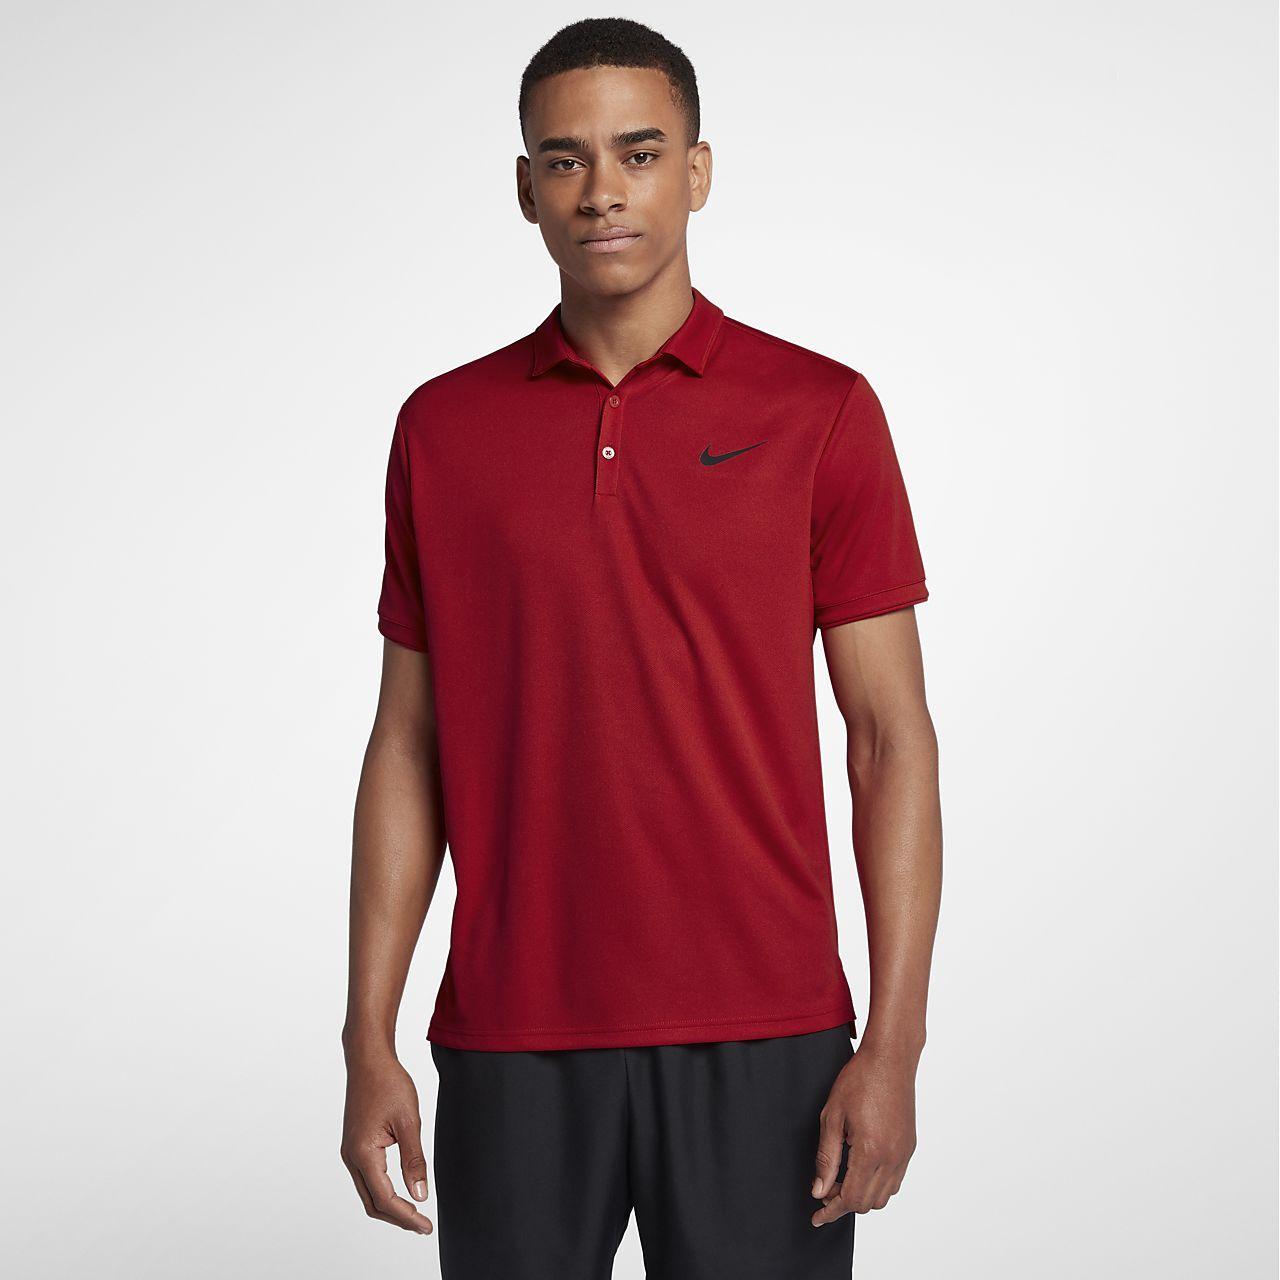 ... NikeCourt Dri-FIT Men's Tennis Polo